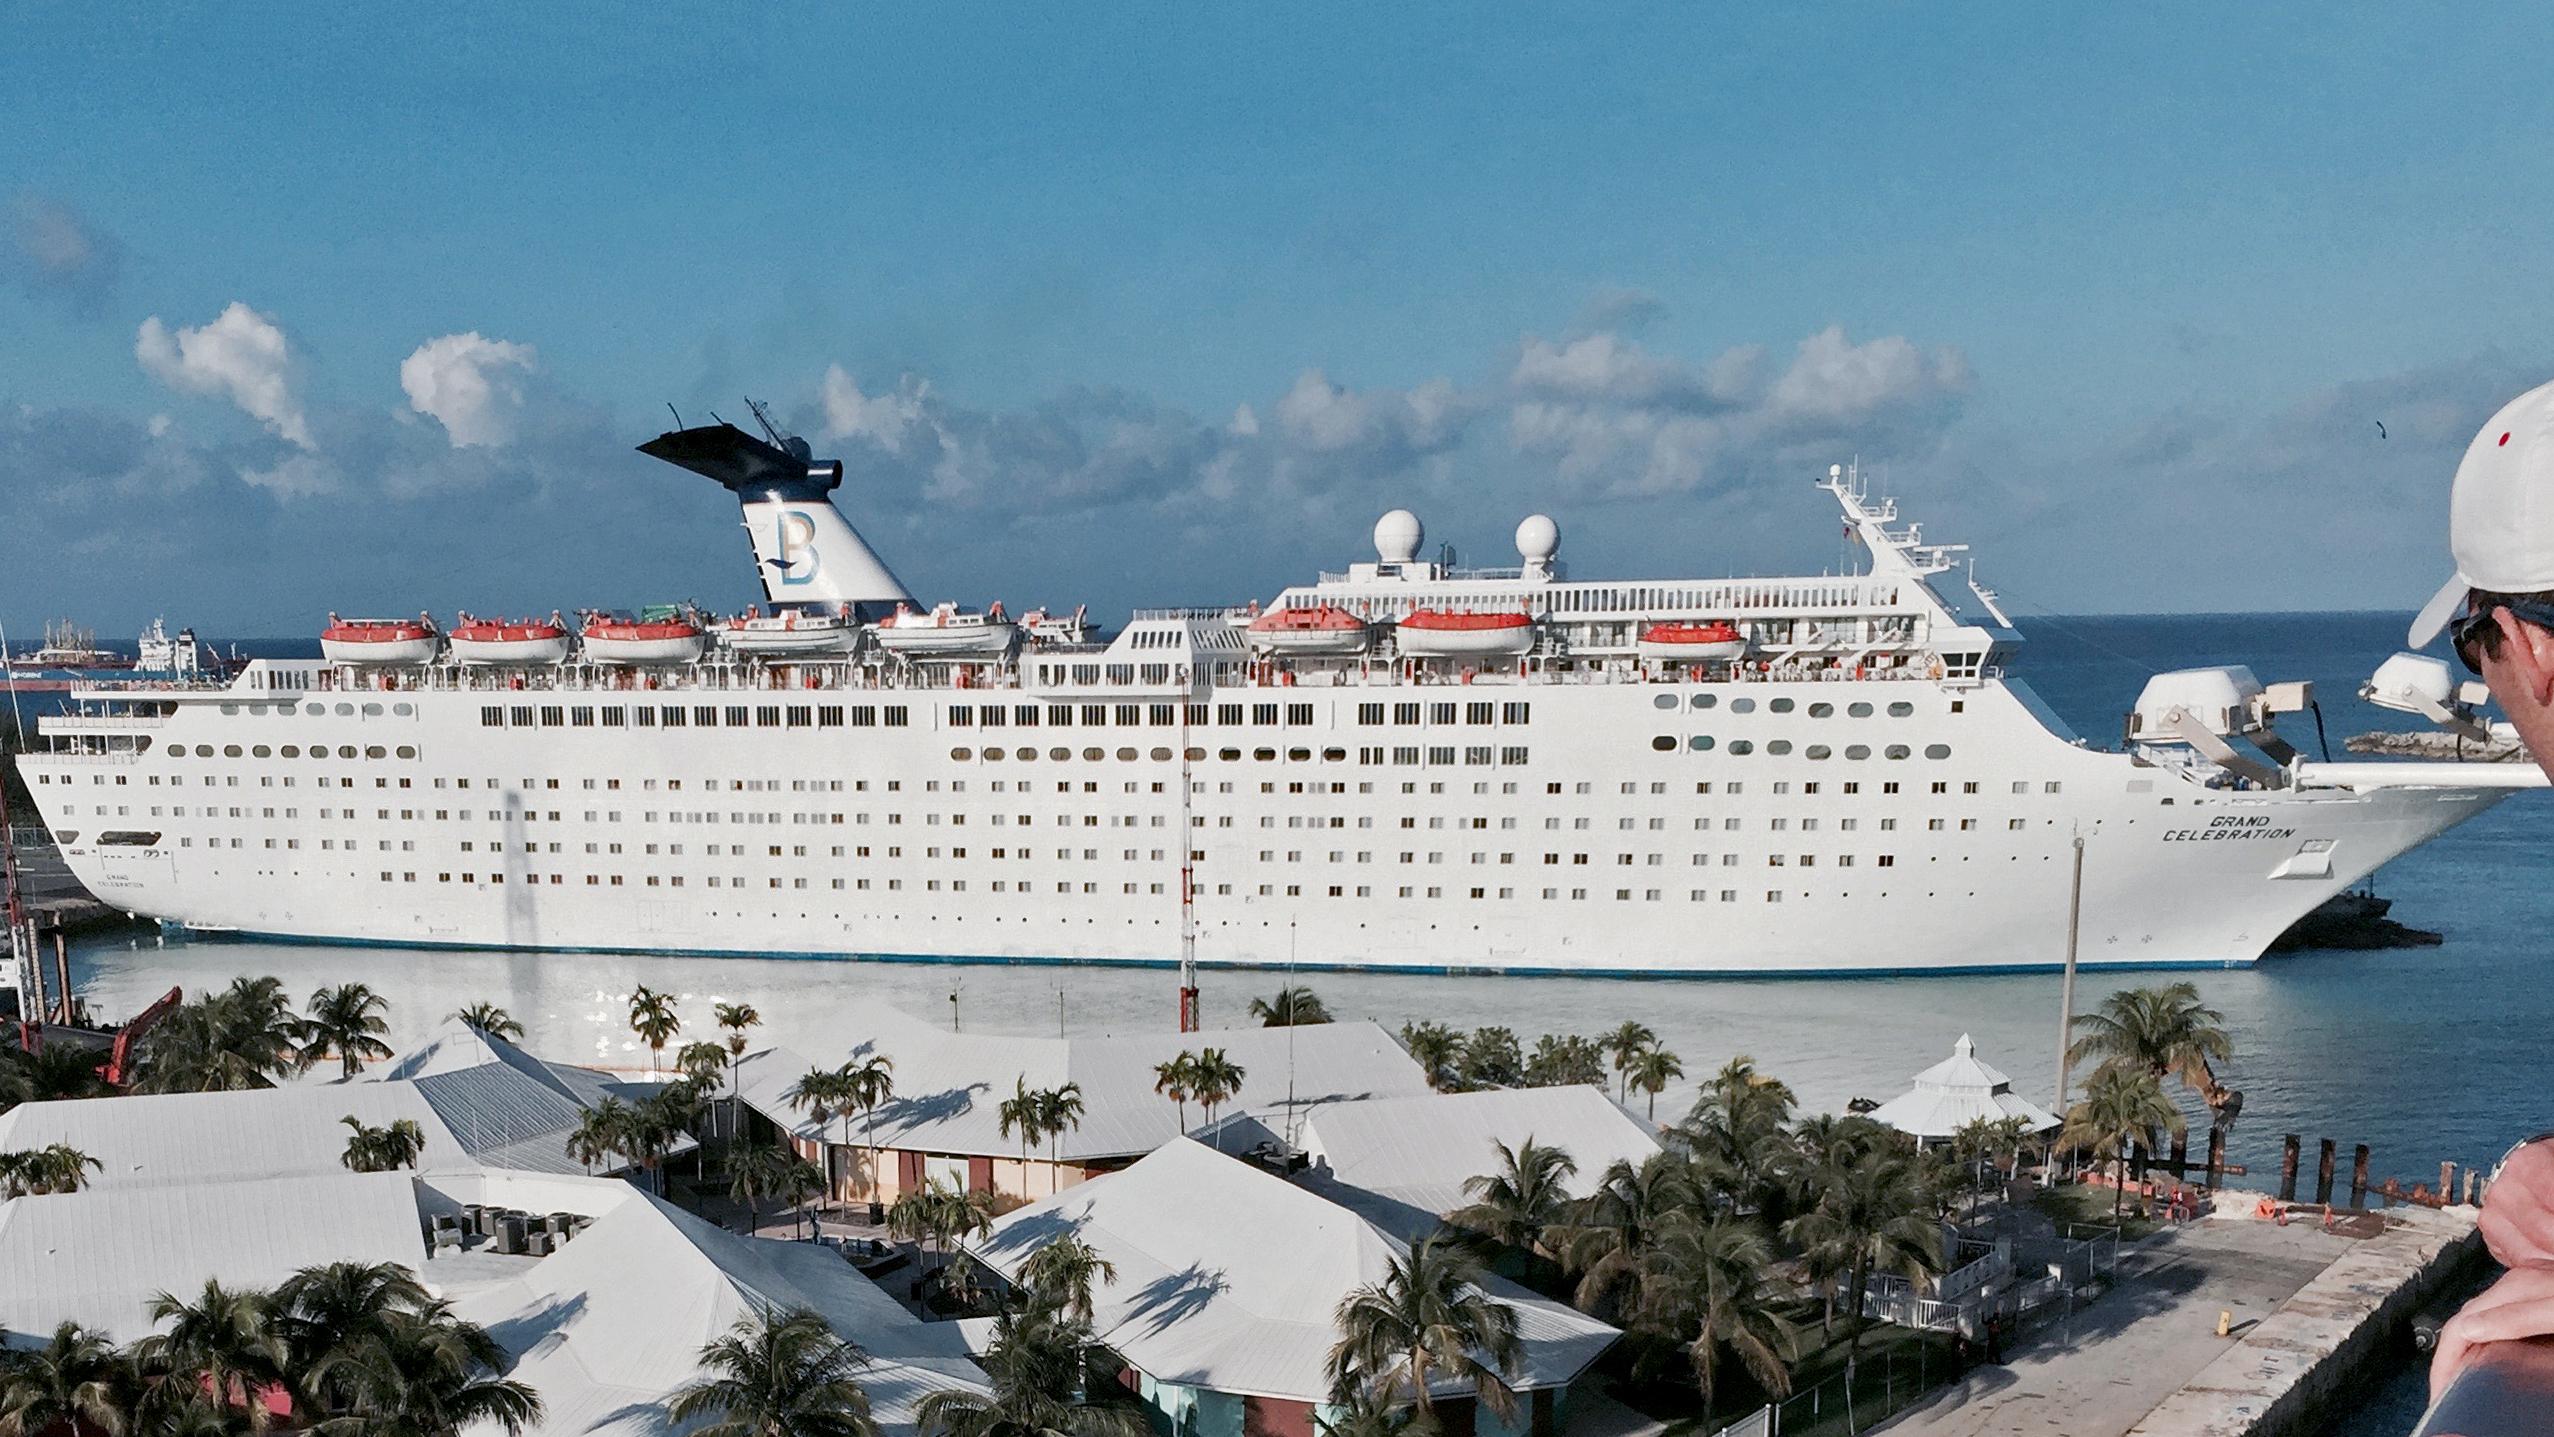 Bahamas Paradise Cruise Line To Get Second Ship Scott Sanfilippo - Bahamas celebration cruise ship